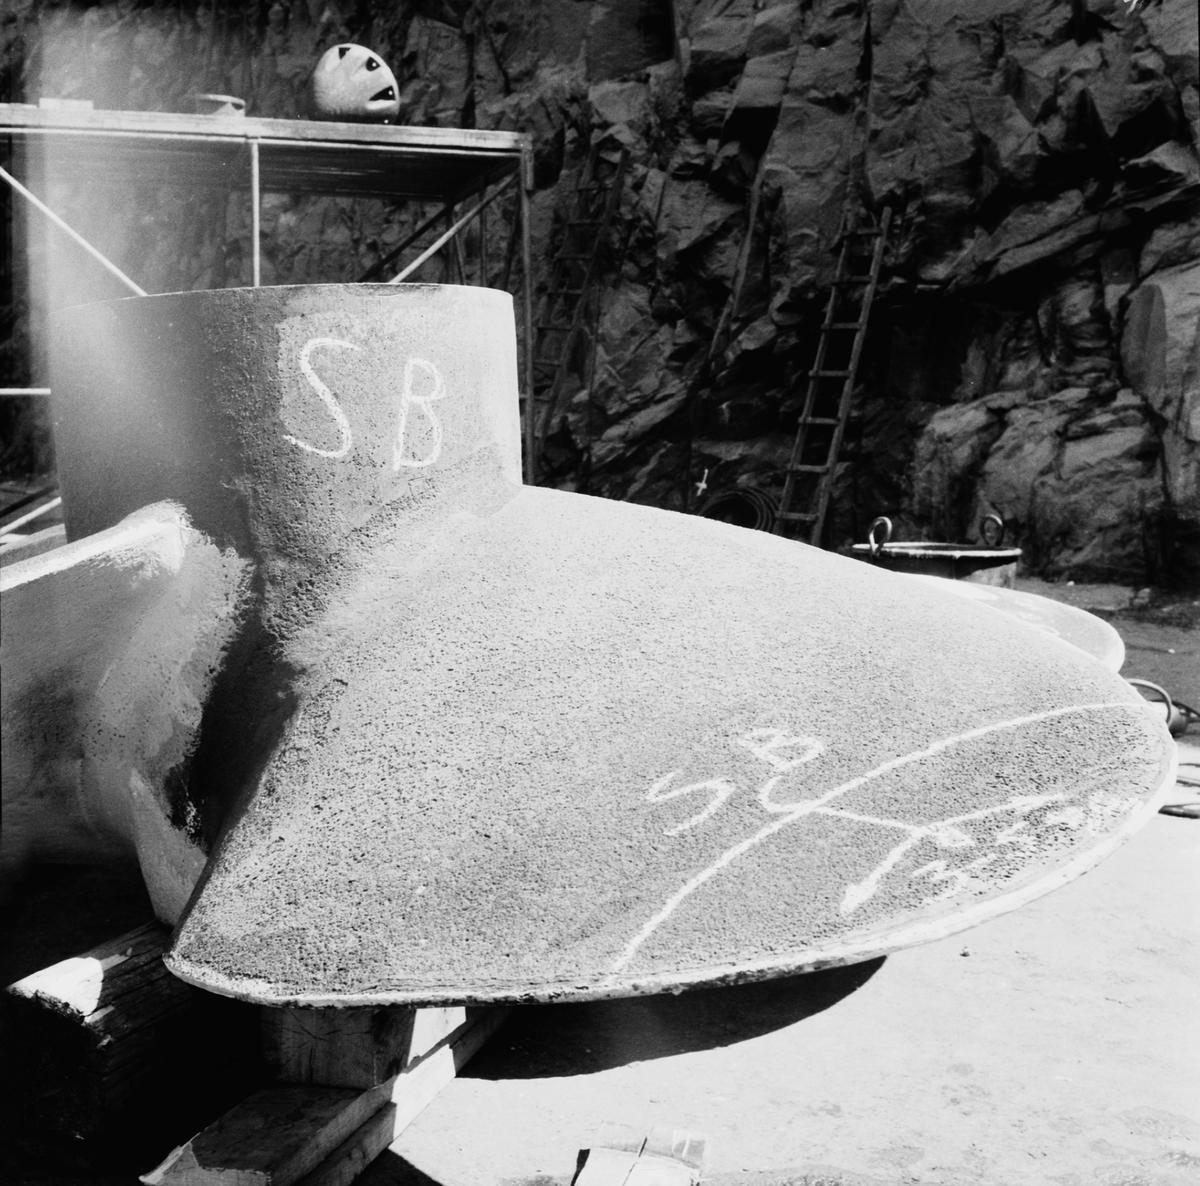 Fartyg: THULE                           Rederi: Svenska staten Byggår: 1953 Varv: Örlogsvarvet, Karlskrona Övrigt: Propellerskada.